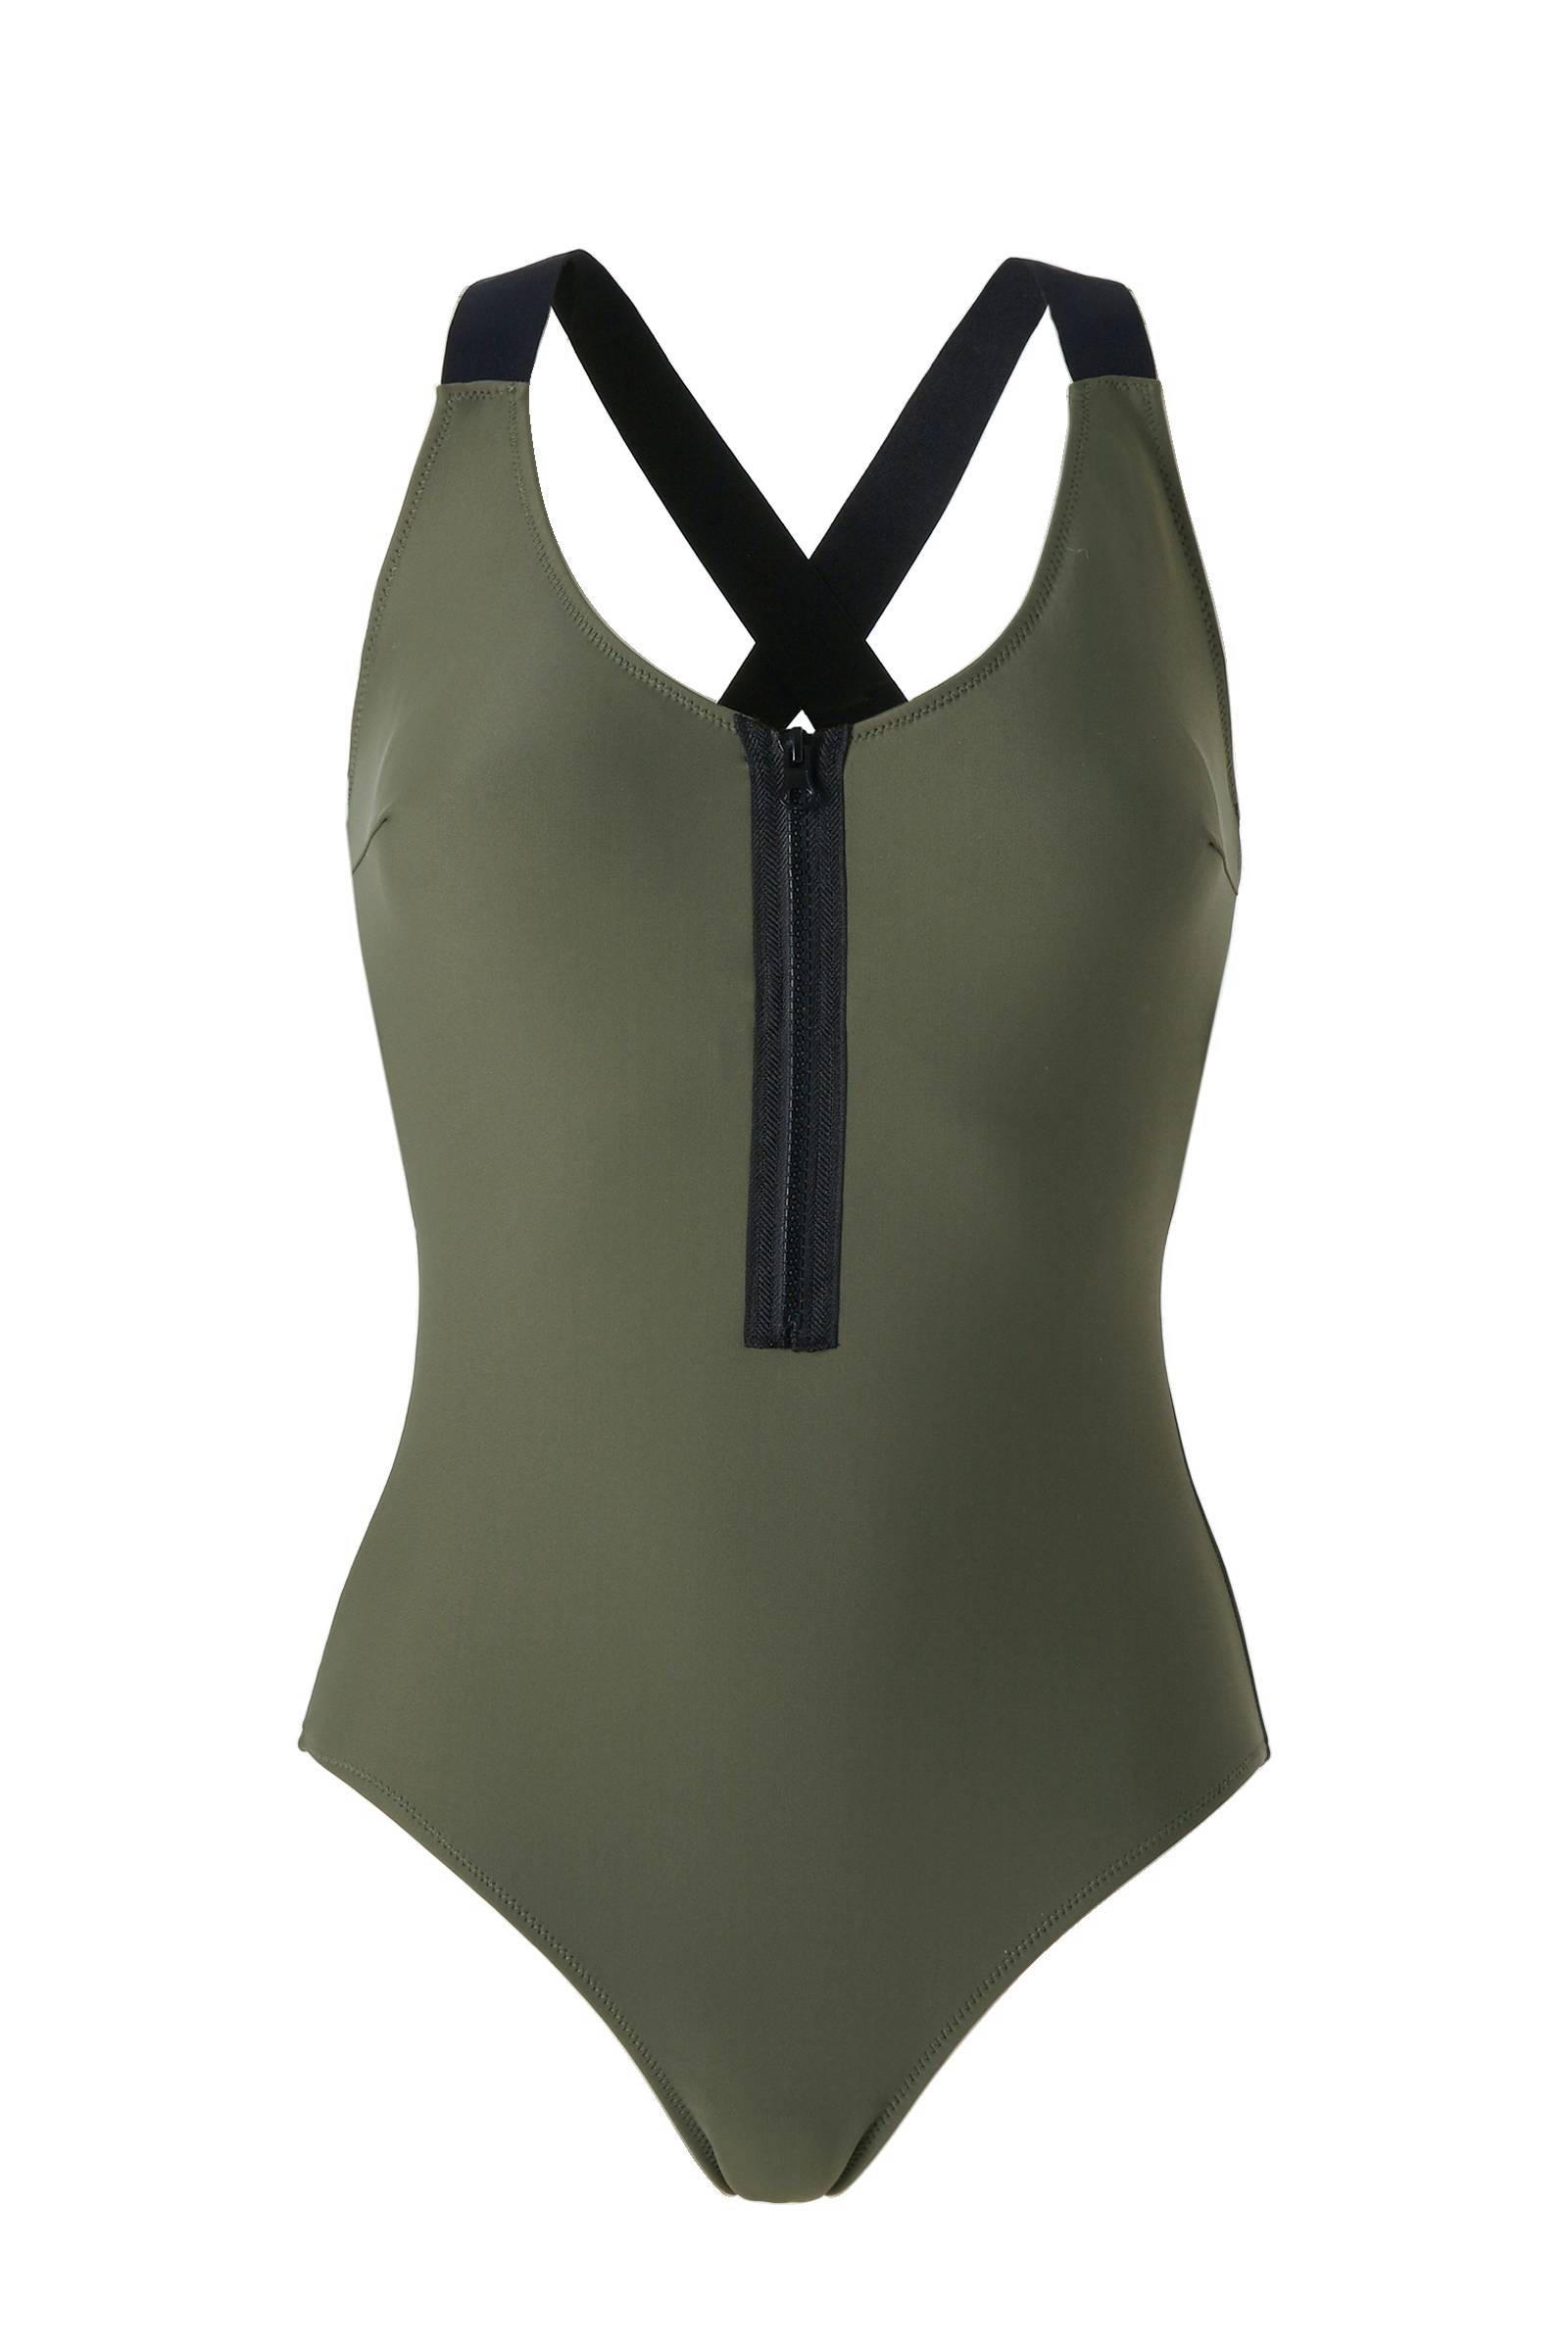 whkmp's beachwave corrigerende badpak met rits groen (dames)